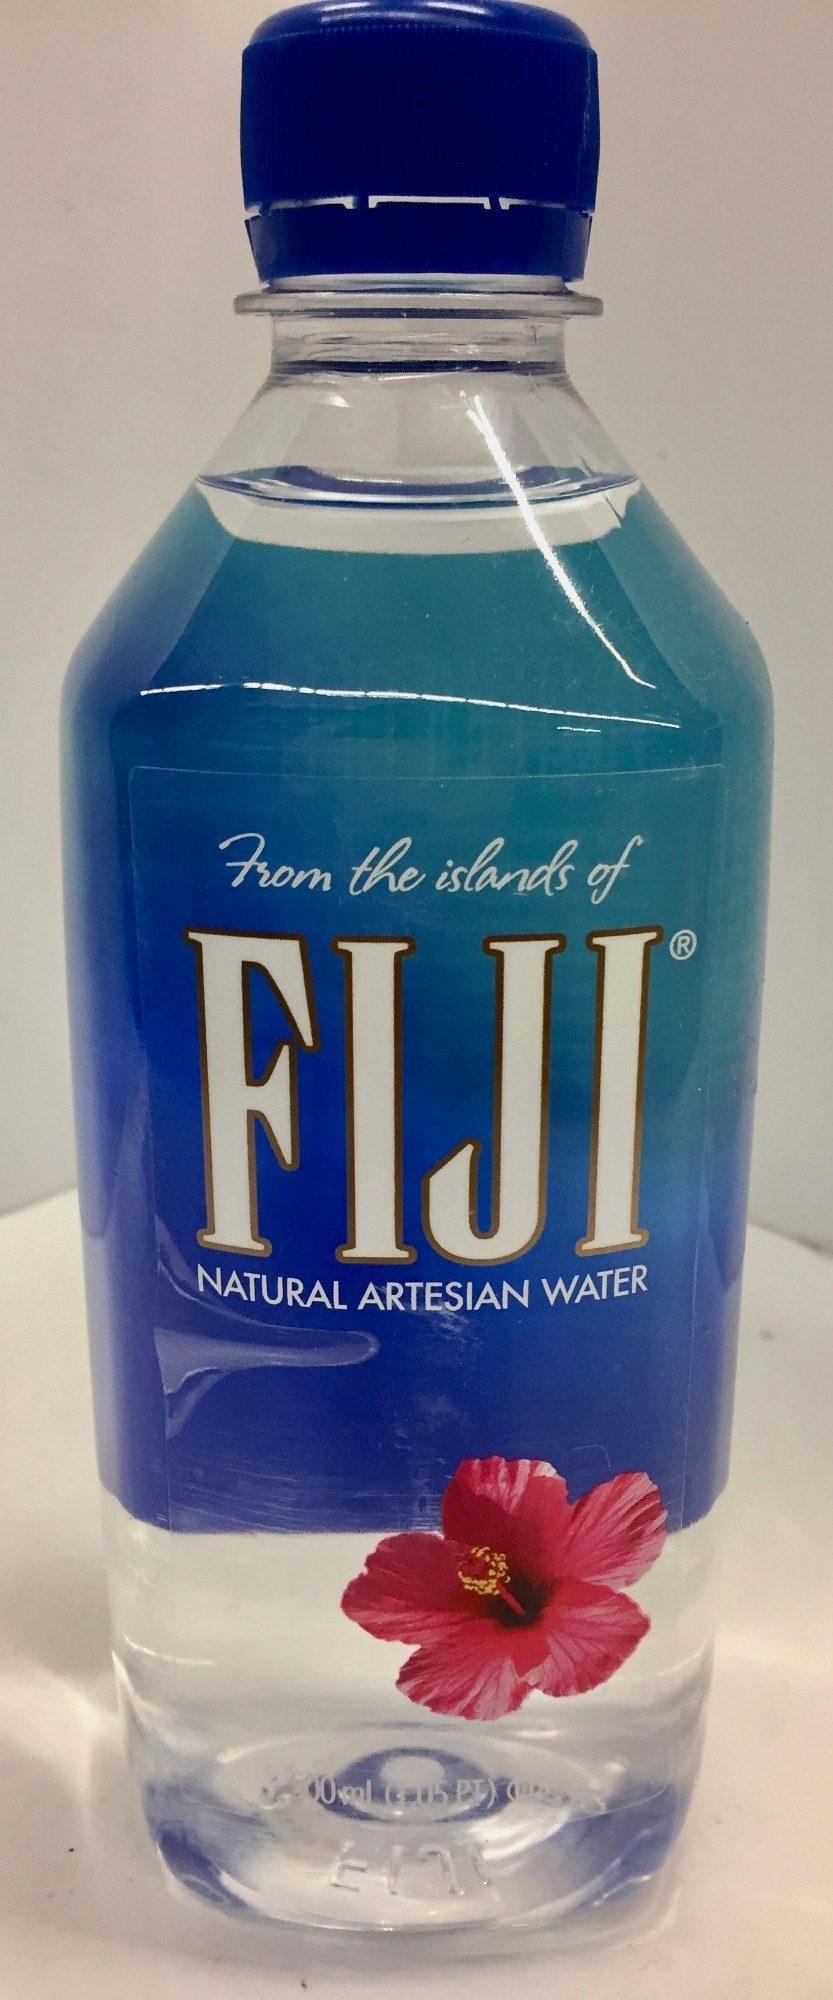 Fiji Natural Artesian Water - Ingredientes - es